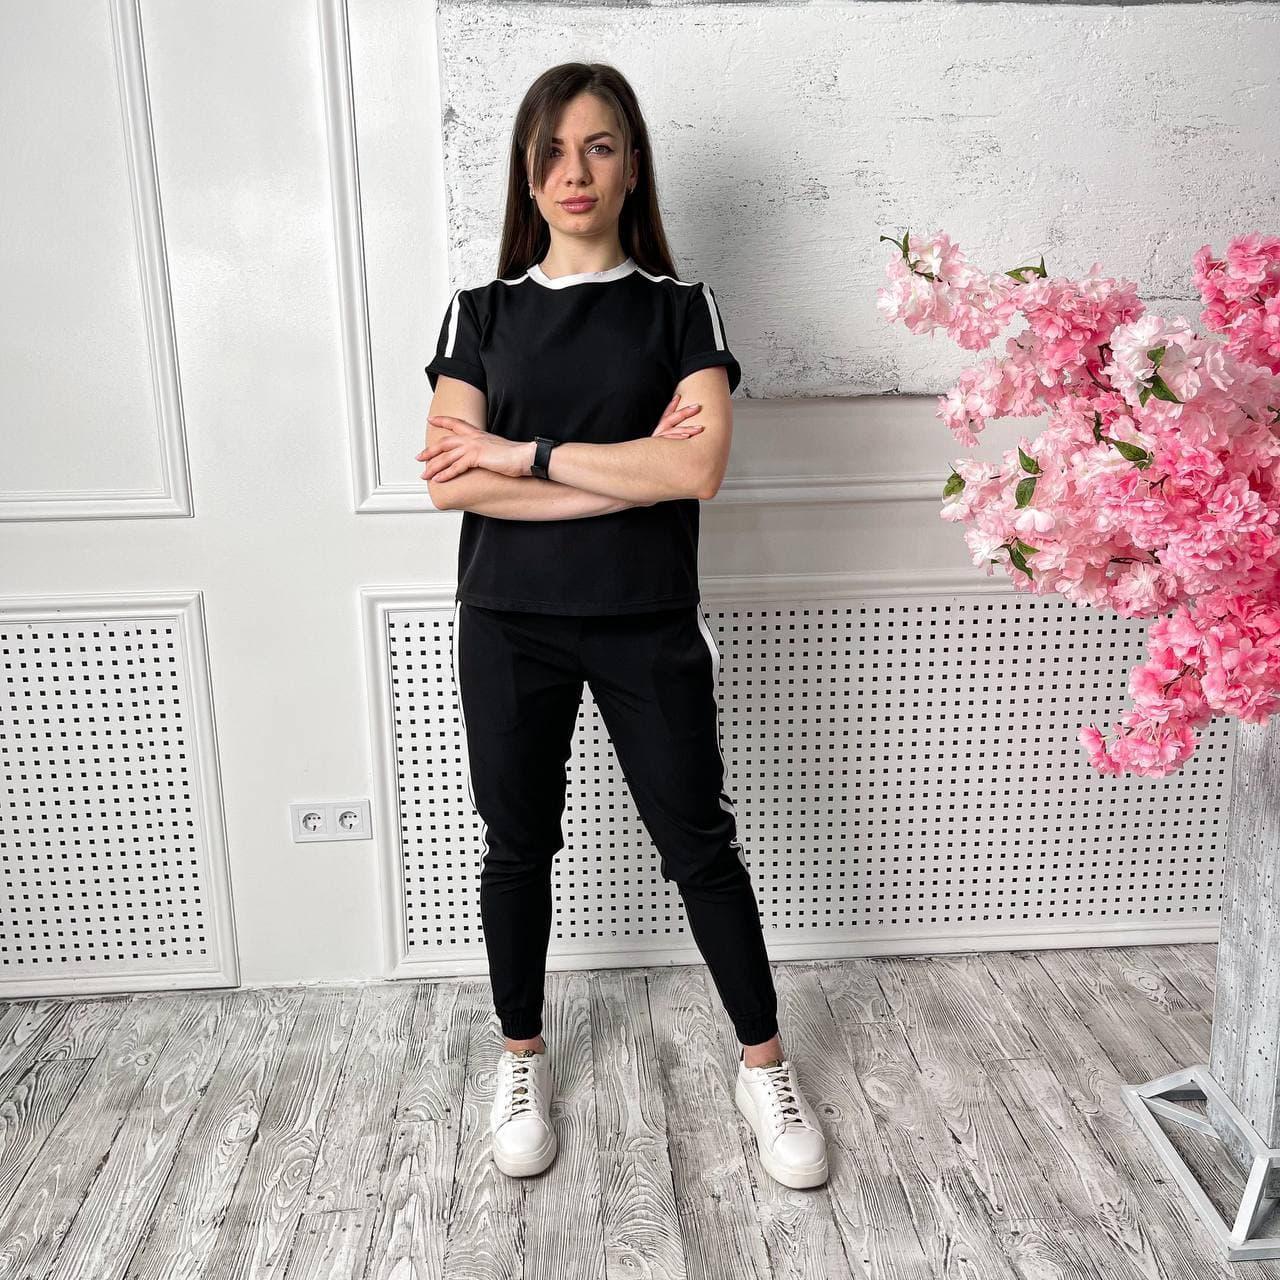 Спортивный костюм женский с лампасами черный   Комплект штаны + футболка ЛЮКС качества